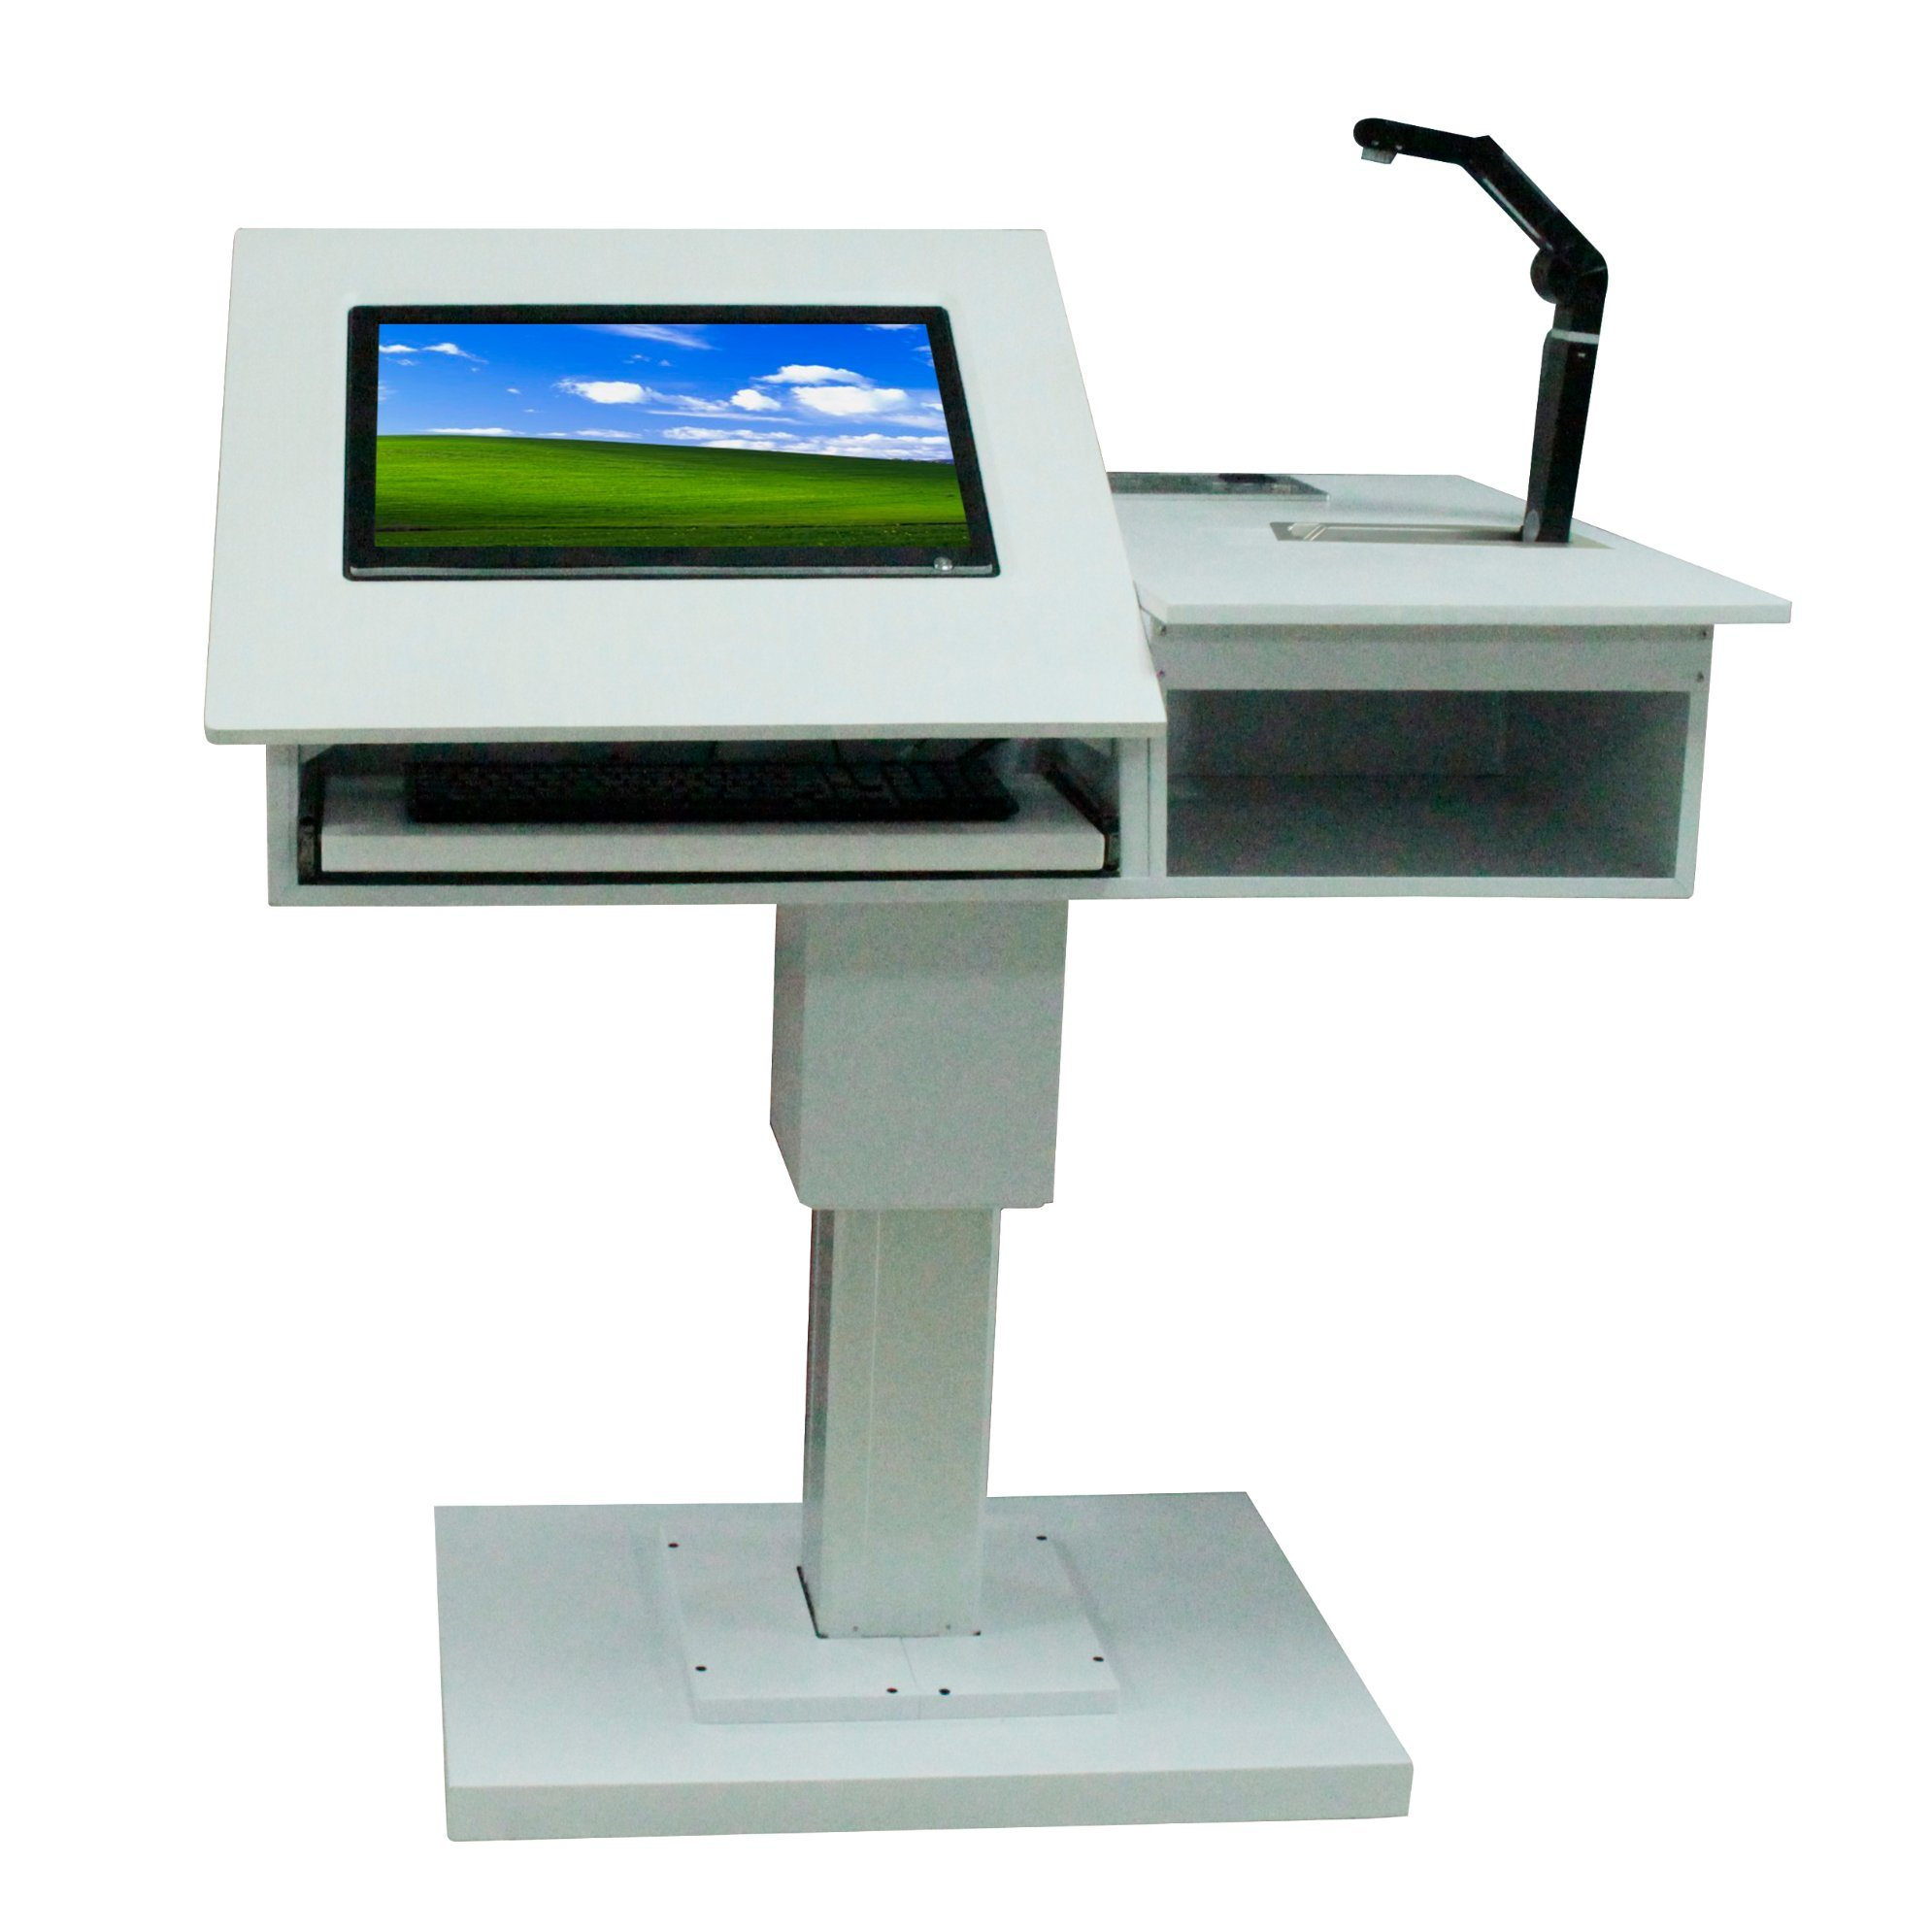 world if smart smartdesk design guide desk entry image